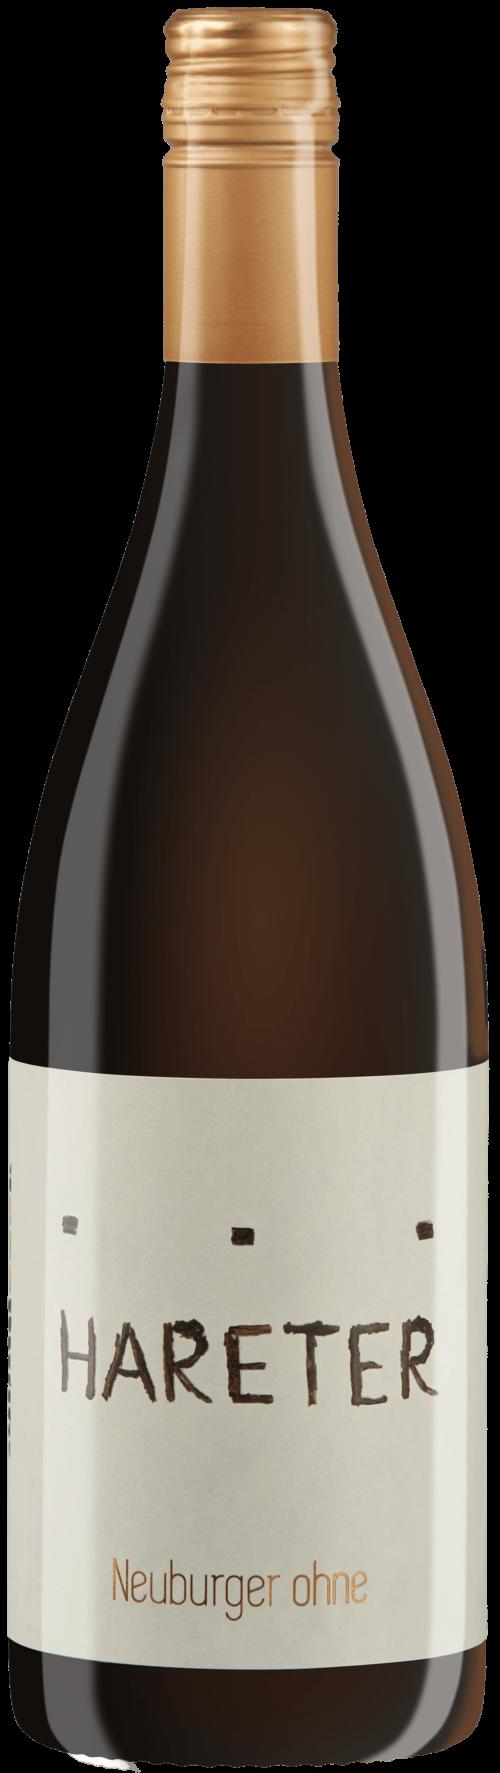 Naturwein kaufen - Weingut Hareter Thomas - Österreich